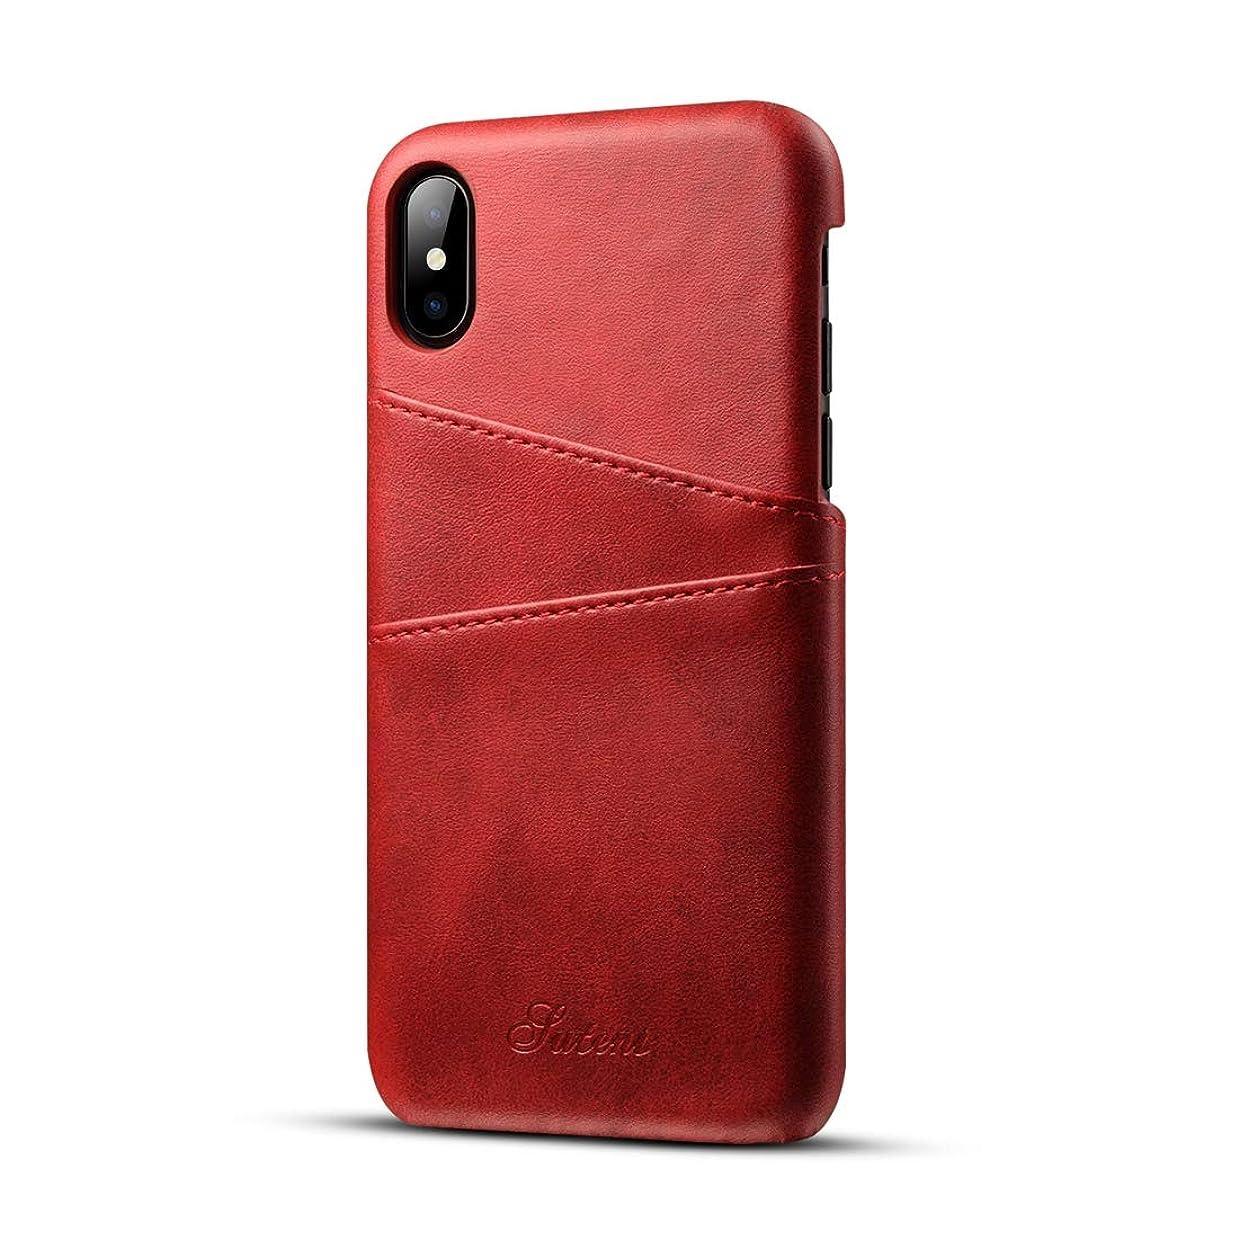 時計最大限感性YMF カードスロット付きiPhone X/XS用ステニカーフテクスチャー保護ケース(ブラック) (Color : Red)